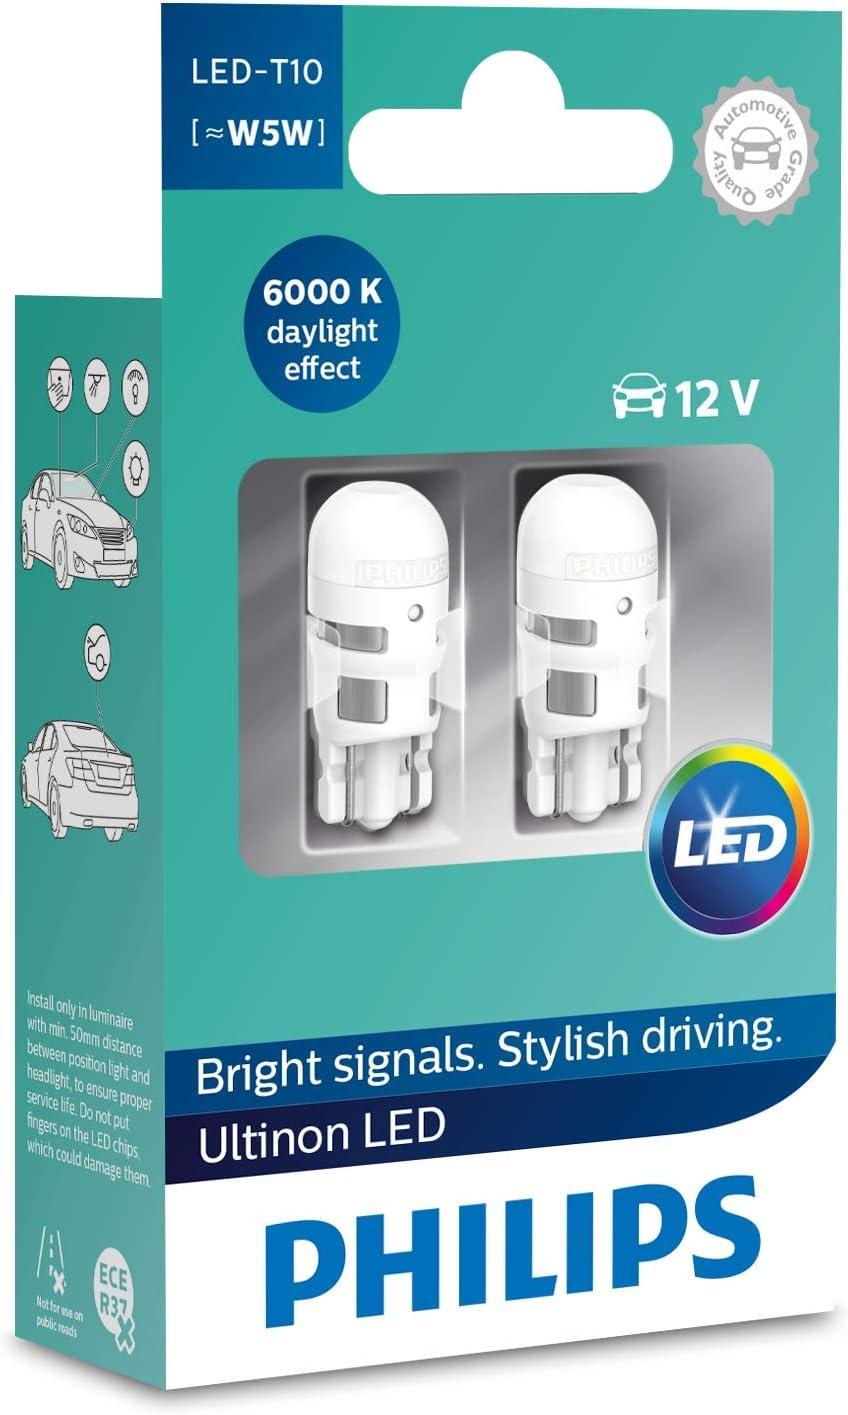 Philips 11961ULWX2 LED T10 foco de señalización para automóvil (W5W), 6.000K, blanco, Set de 2